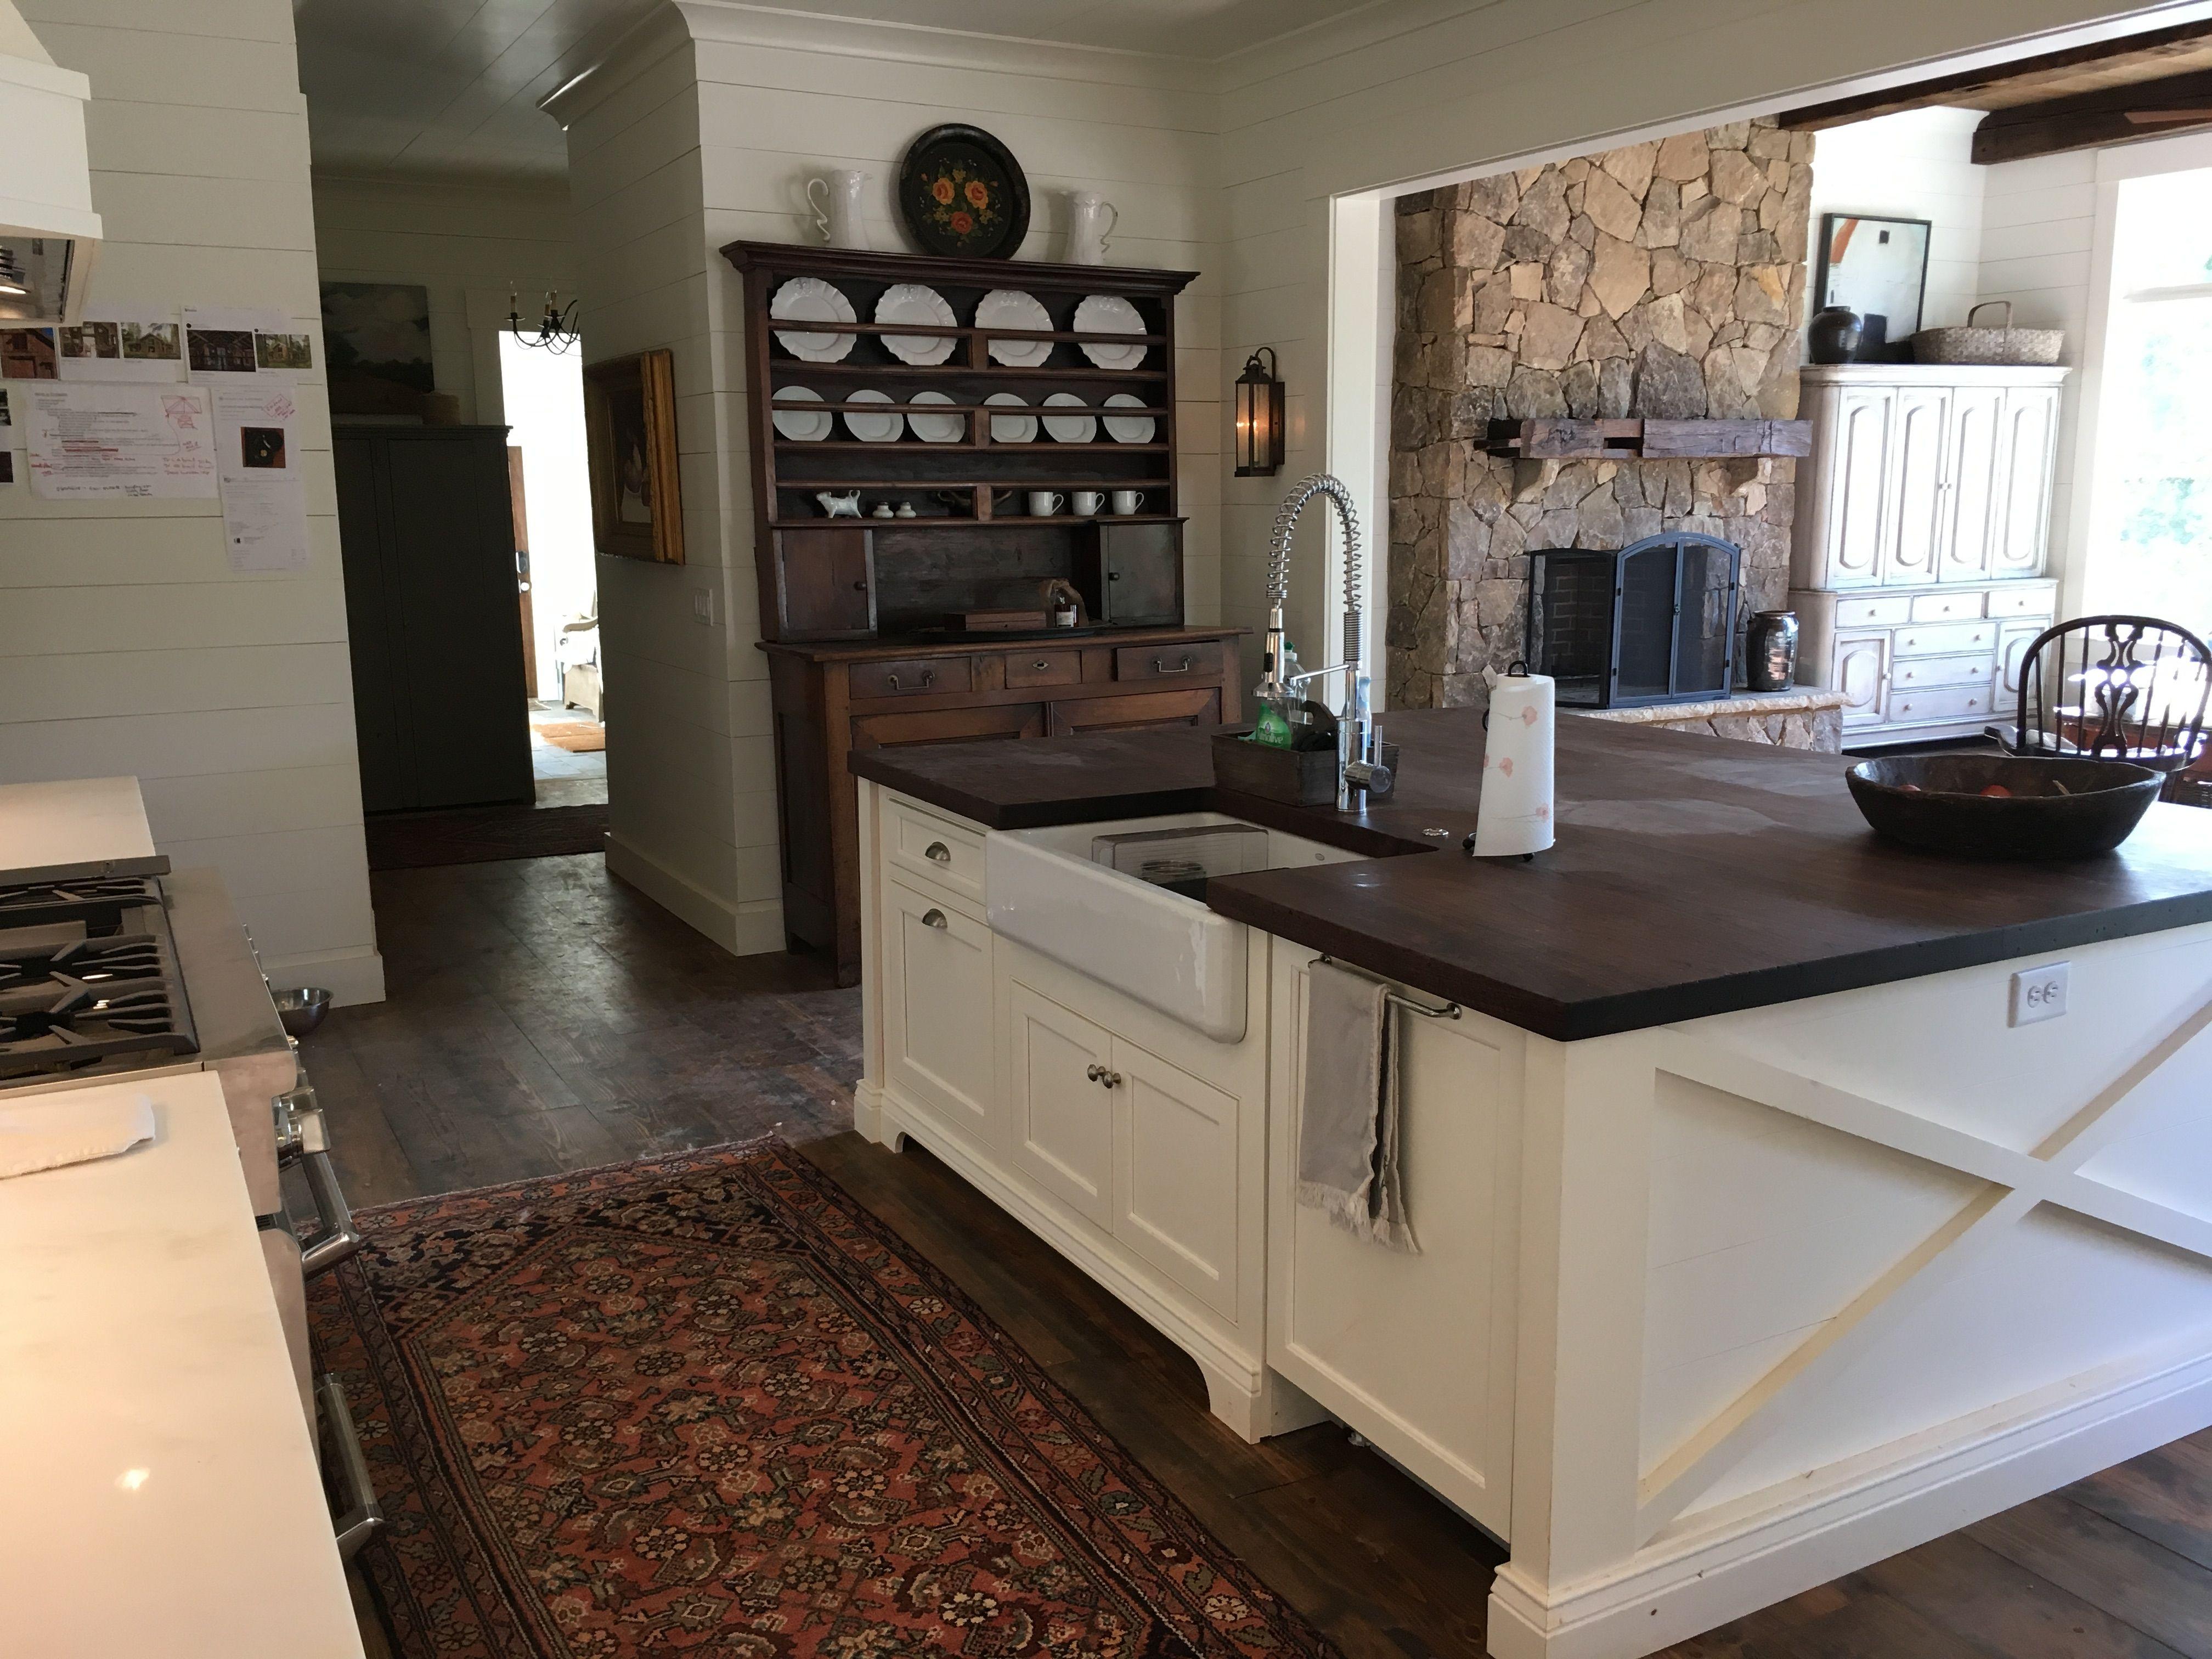 a new farmhouse kitchen in sherwin williams dover white tuscan kitchen kitchen colour on farmhouse kitchen wall colors id=62530